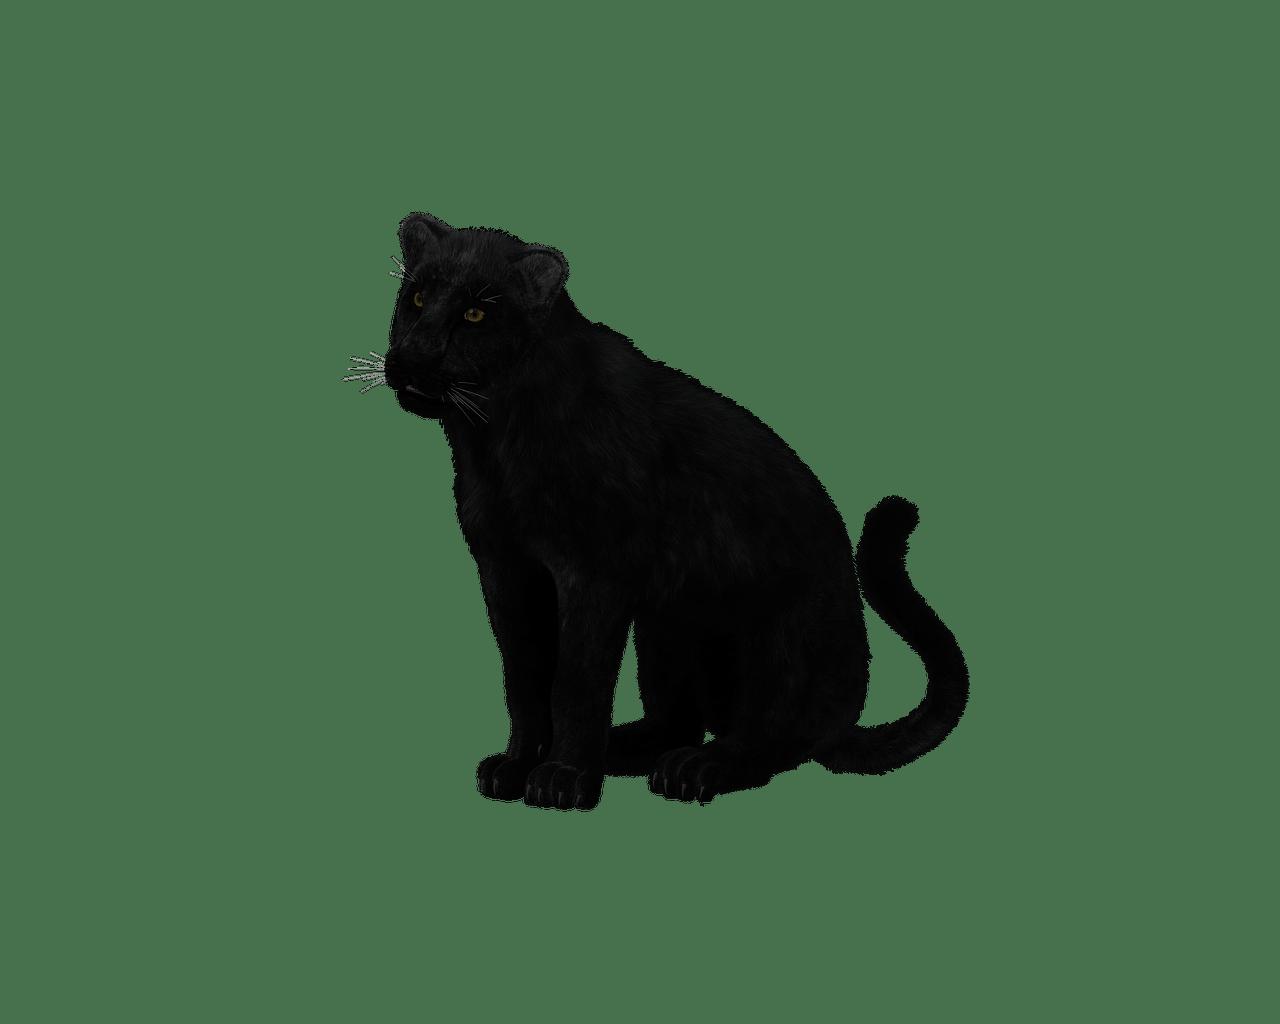 Black panther sitting